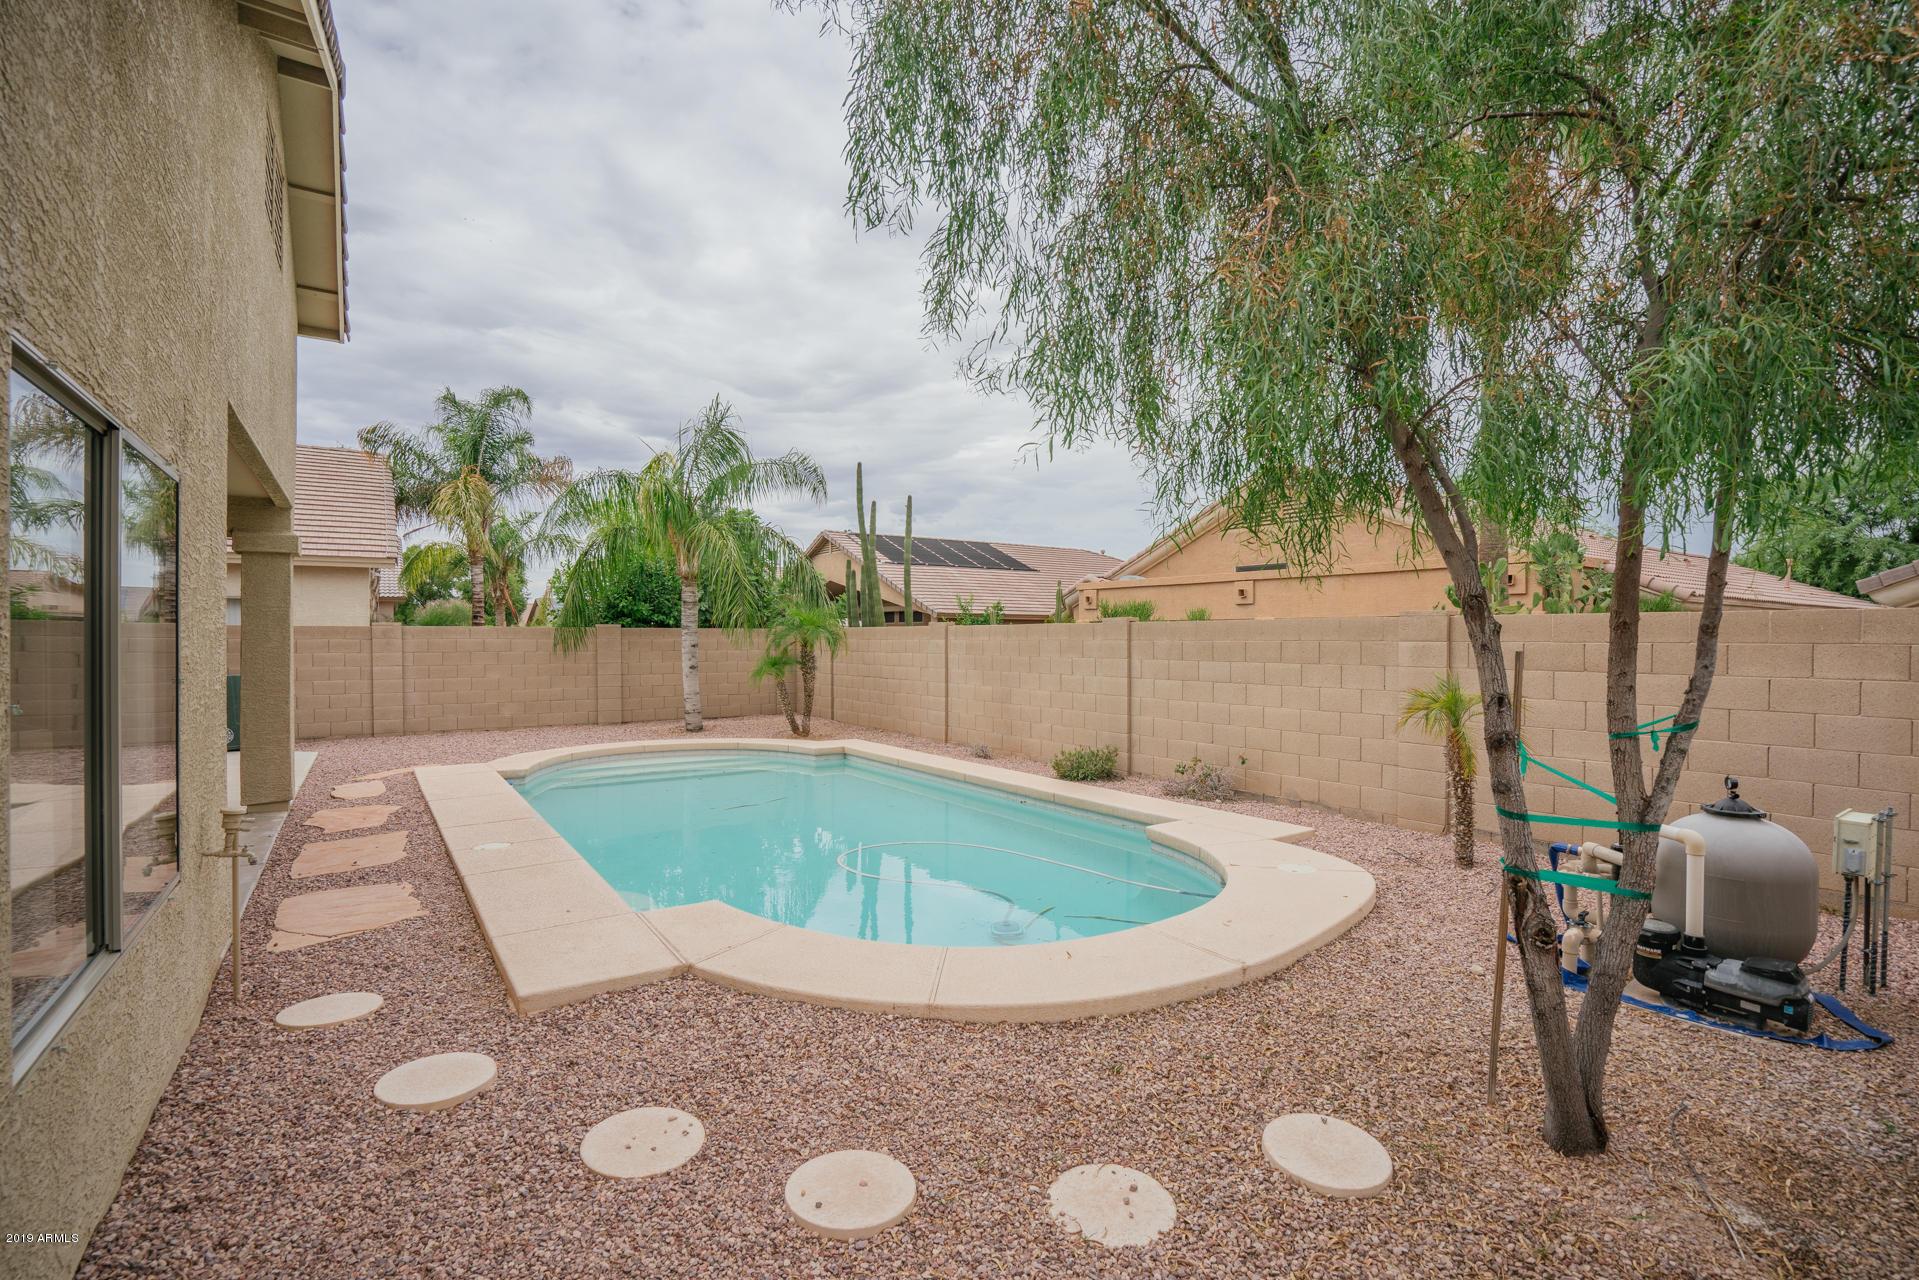 MLS 5961787 12826 W ROSEWOOD Drive, El Mirage, AZ 85335 El Mirage AZ Single-Story